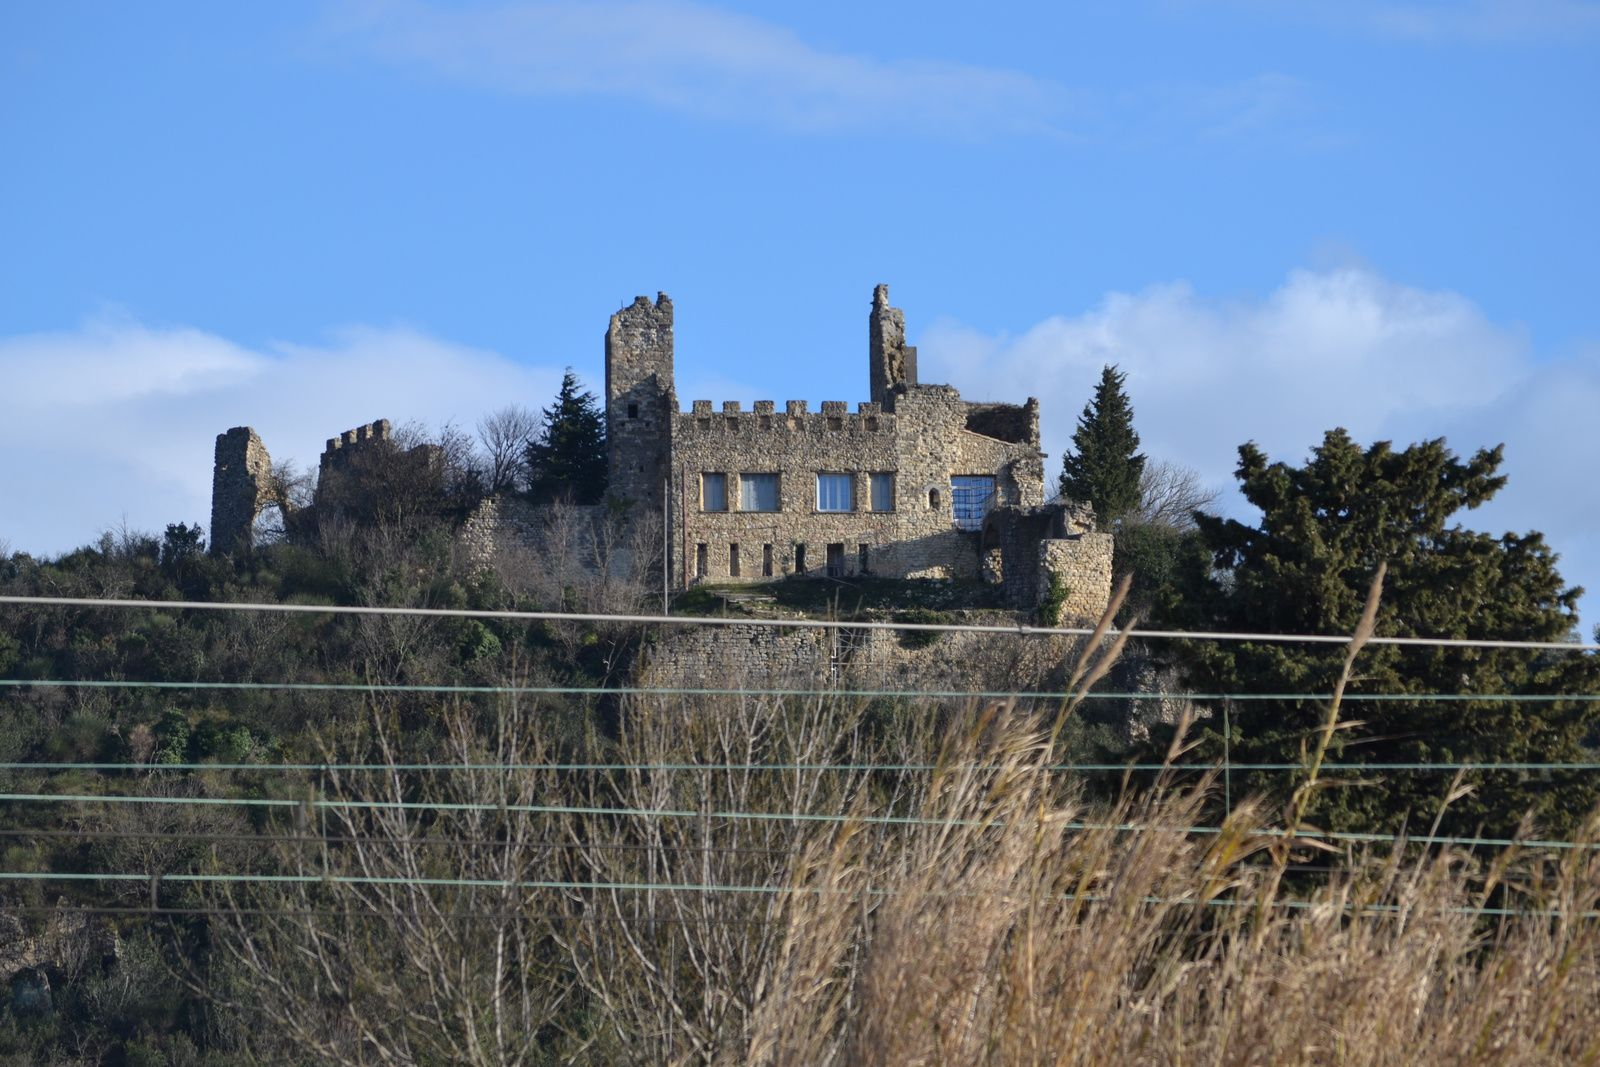 ....il est vrai que vu du bas du village, il semble habité ce château.